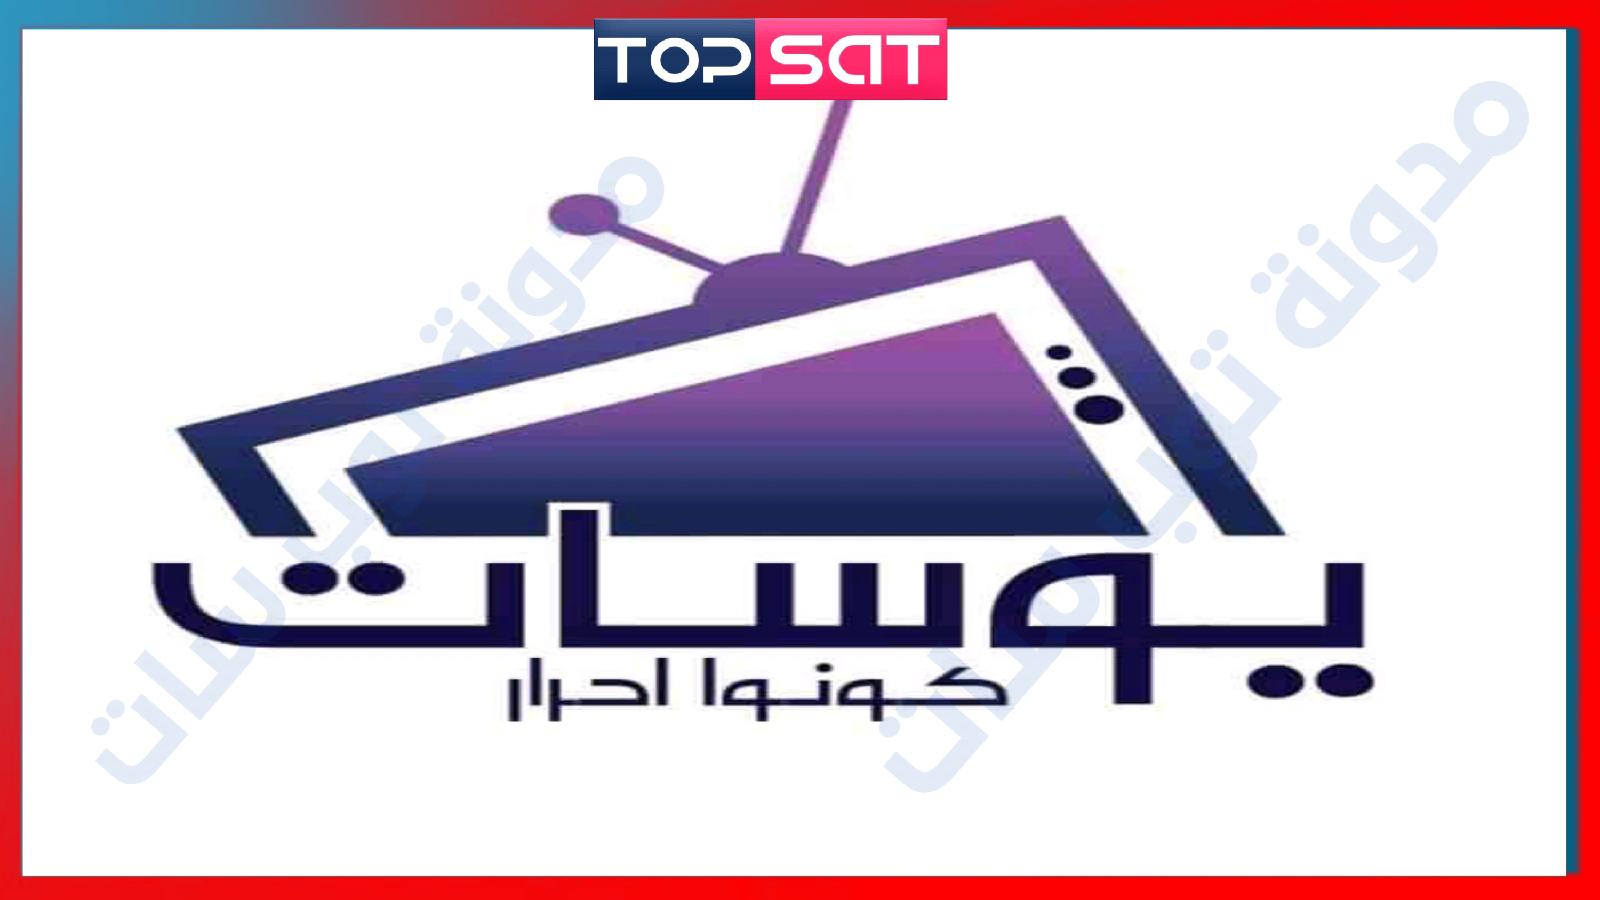 حصريا تردد قناة يوسات YouSat TV الجديدة على القمر الصناعي نايل سات 2020